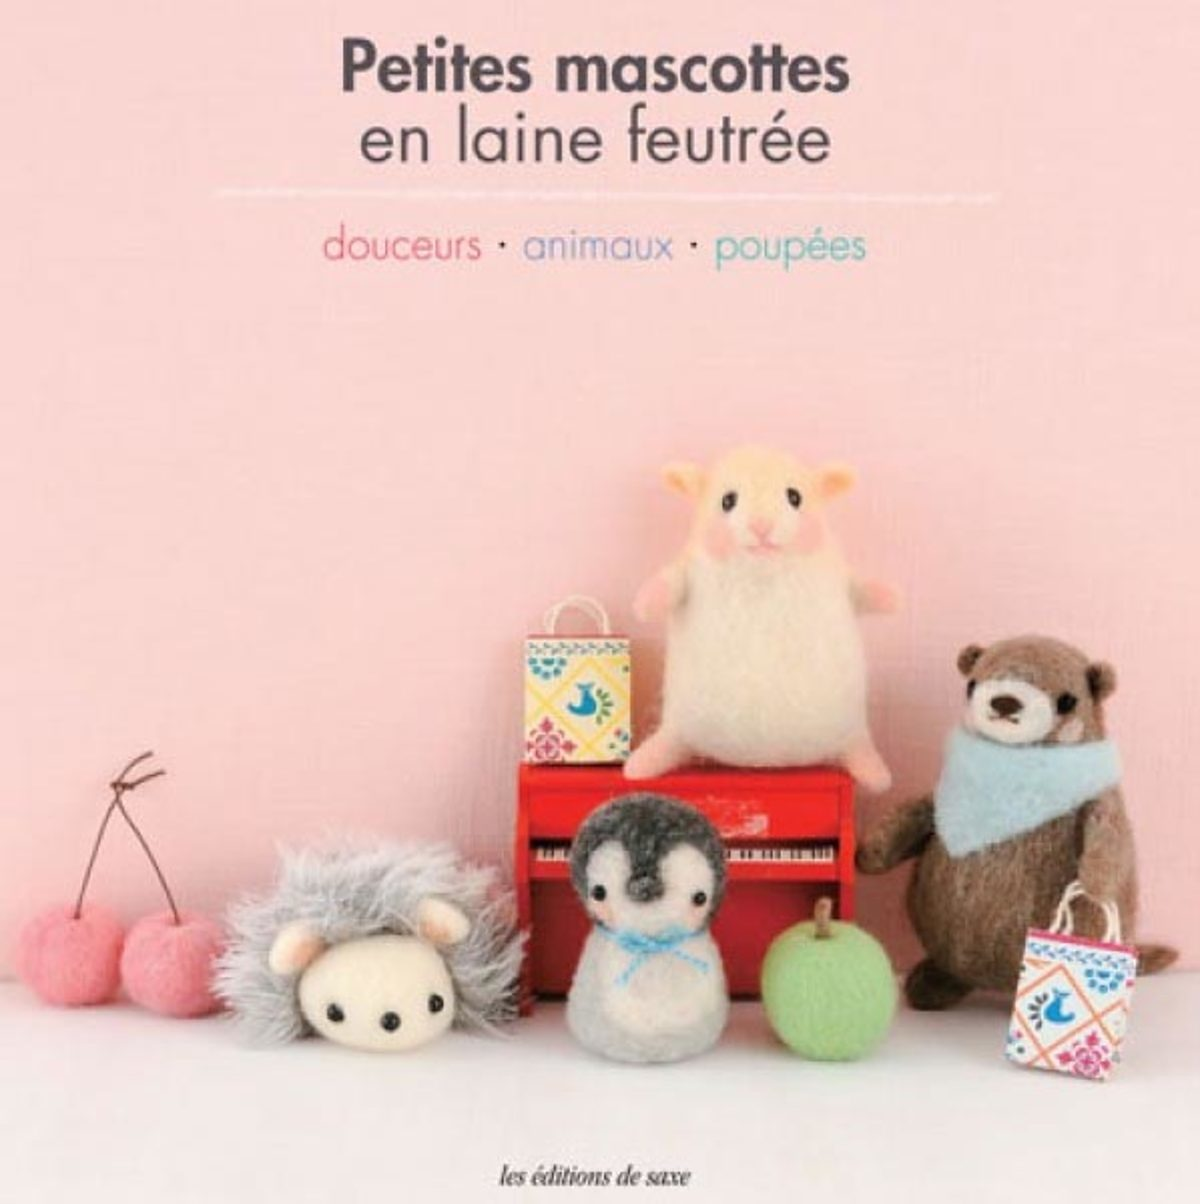 petites mascottes en laine feutree